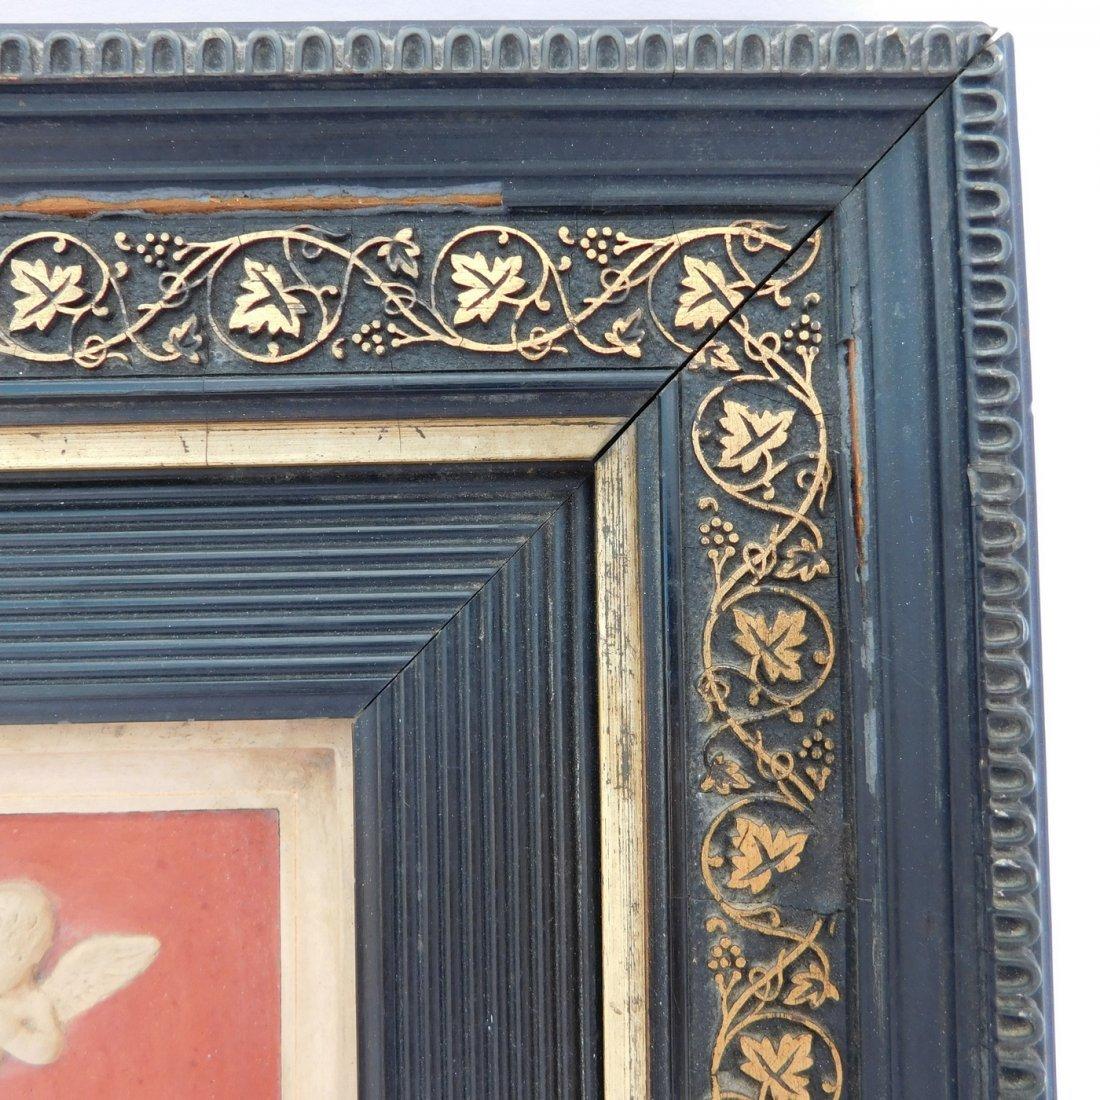 19th C Neoclassical Plaque - 3